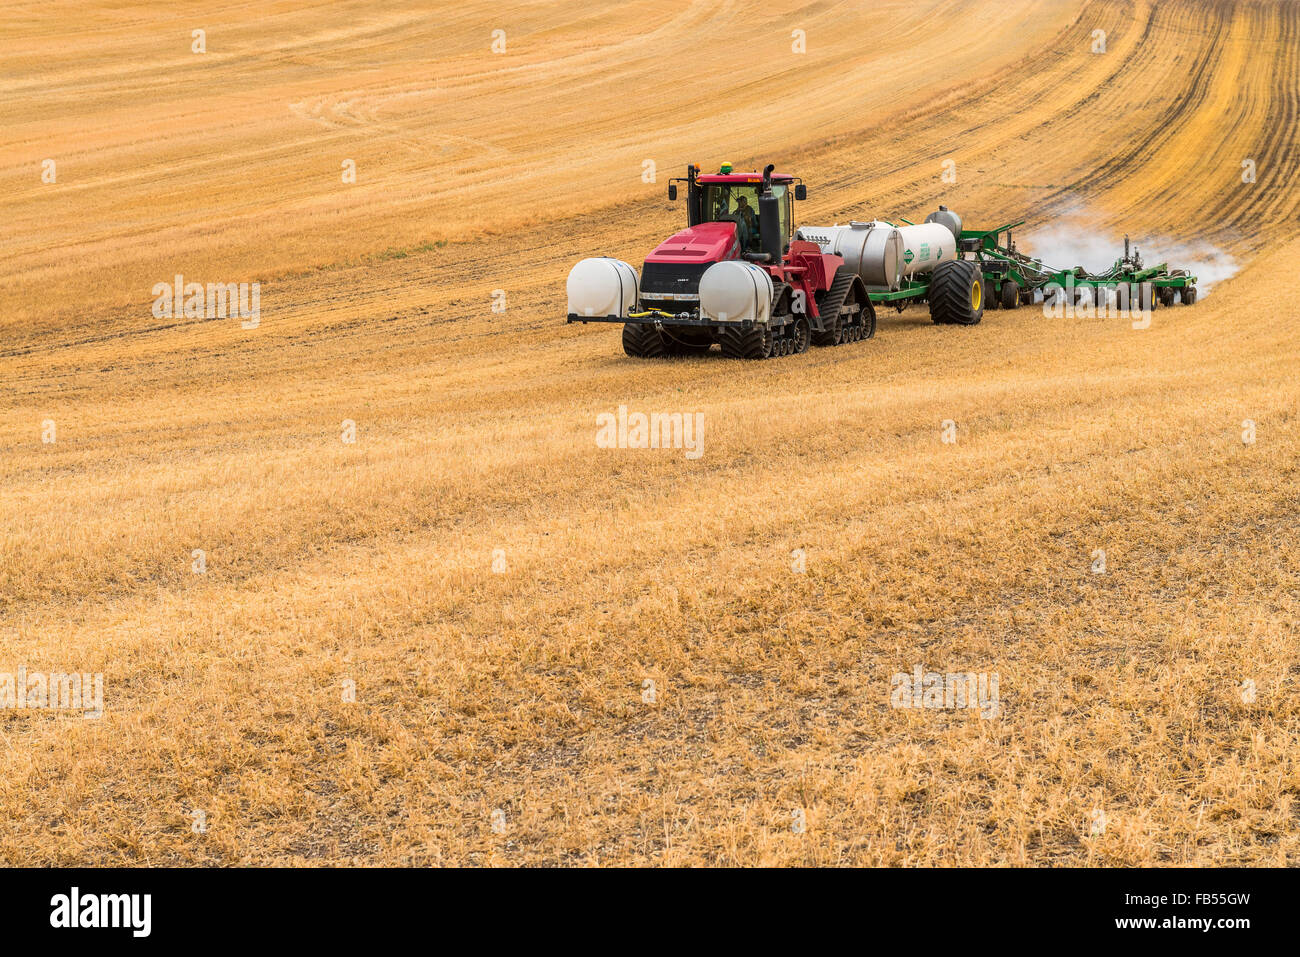 Caso trattore Quadtrac tirando un serbatoio dell'ammoniaca anidra e applicatore applicando la anidro per un Immagini Stock